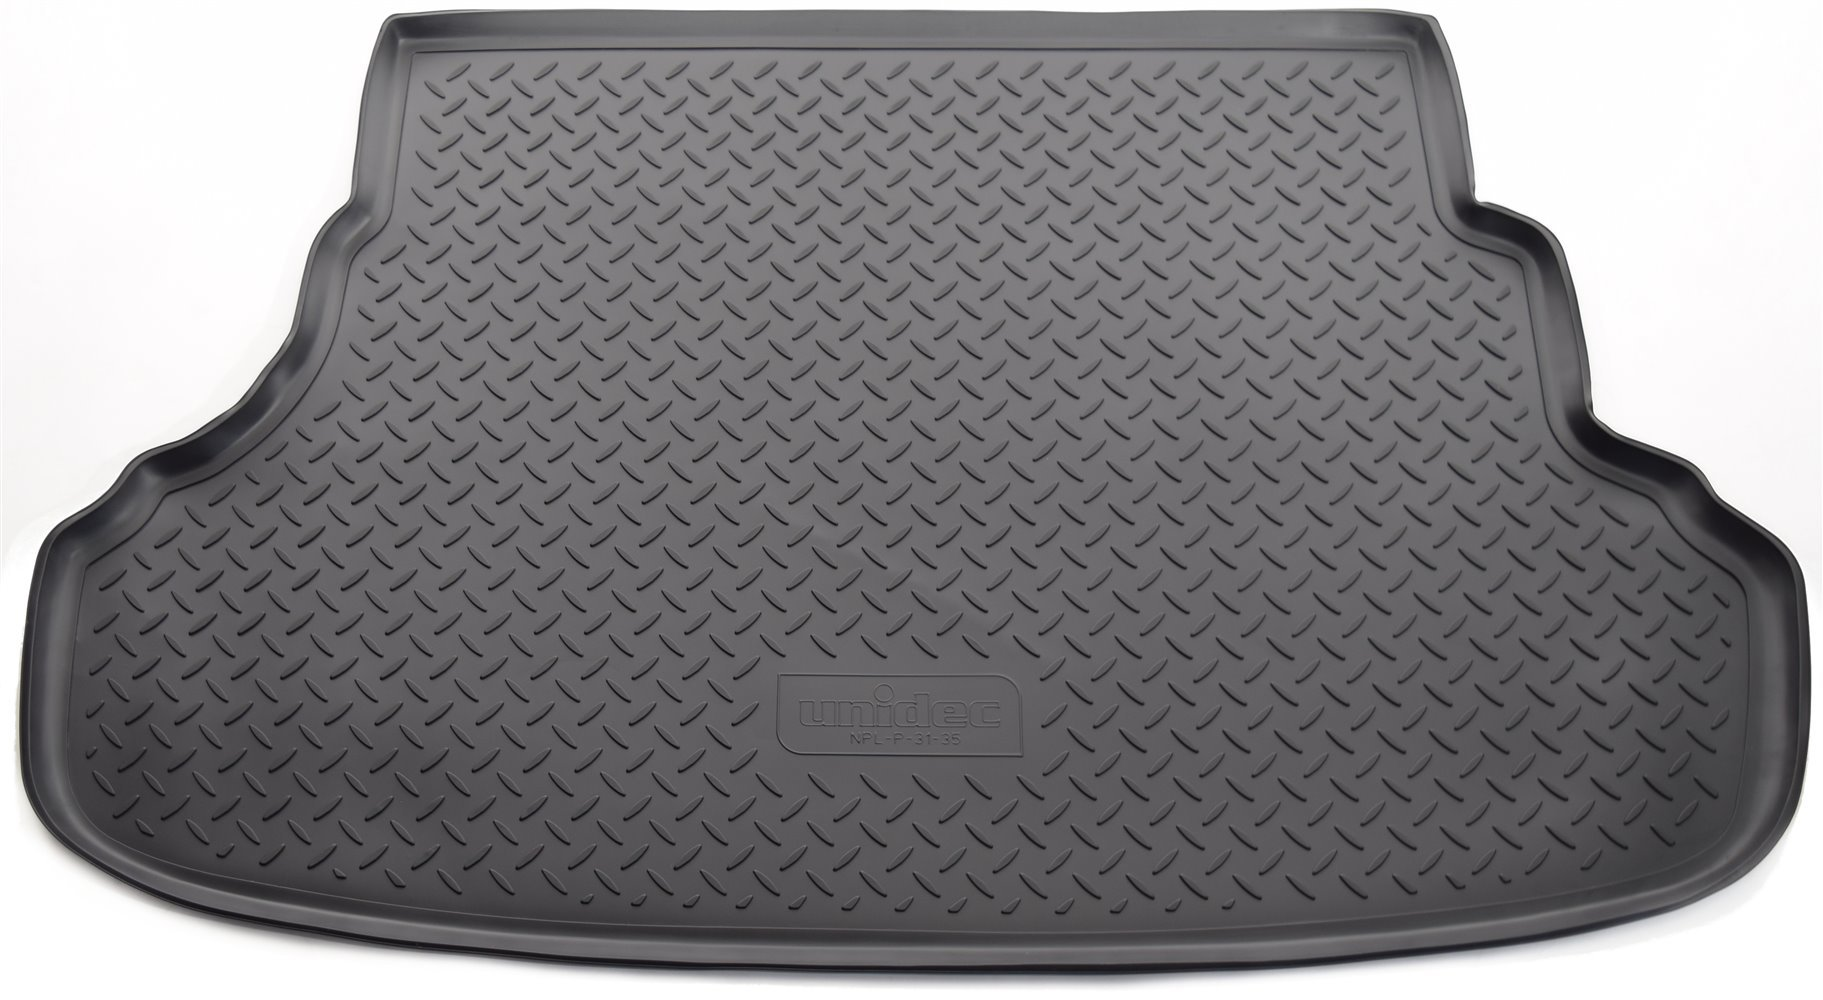 Коврик багажного отсека, 7 мест, резиновый, длинный для Санта Фе 4 (Hyundai Santa Fe) 2018 - 2019